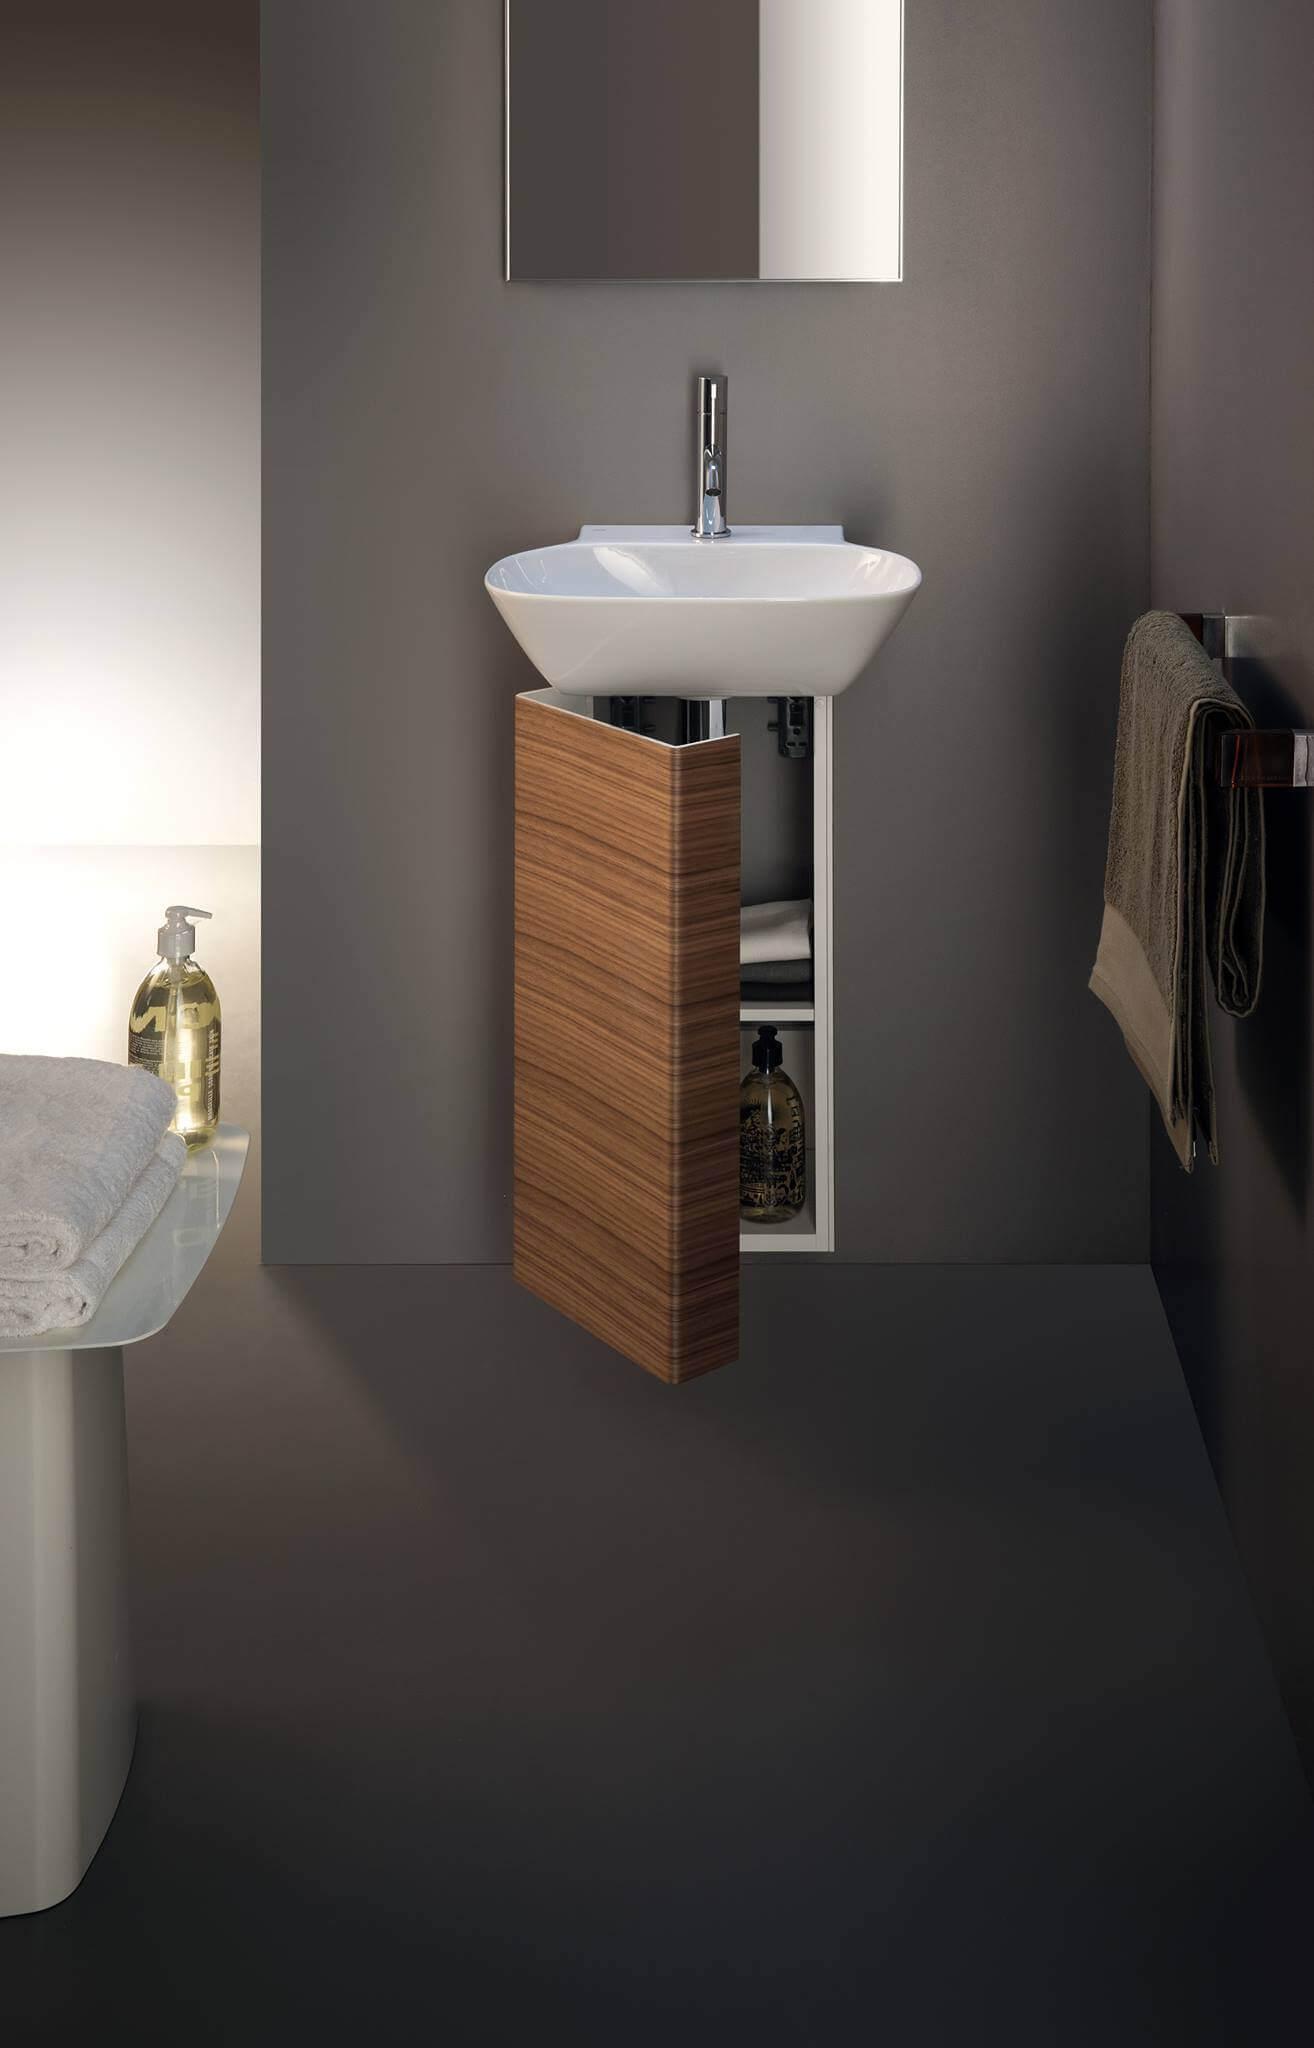 Die Kollektion Ino von Laufen eignet sich auch für den Einsatz in gehobenen öffentlichen und halb-öffentlichen Bereichen. Zum Beispiel in Kombination mit dem Urinal Antero, ebenfalls von Toan Nguyen.